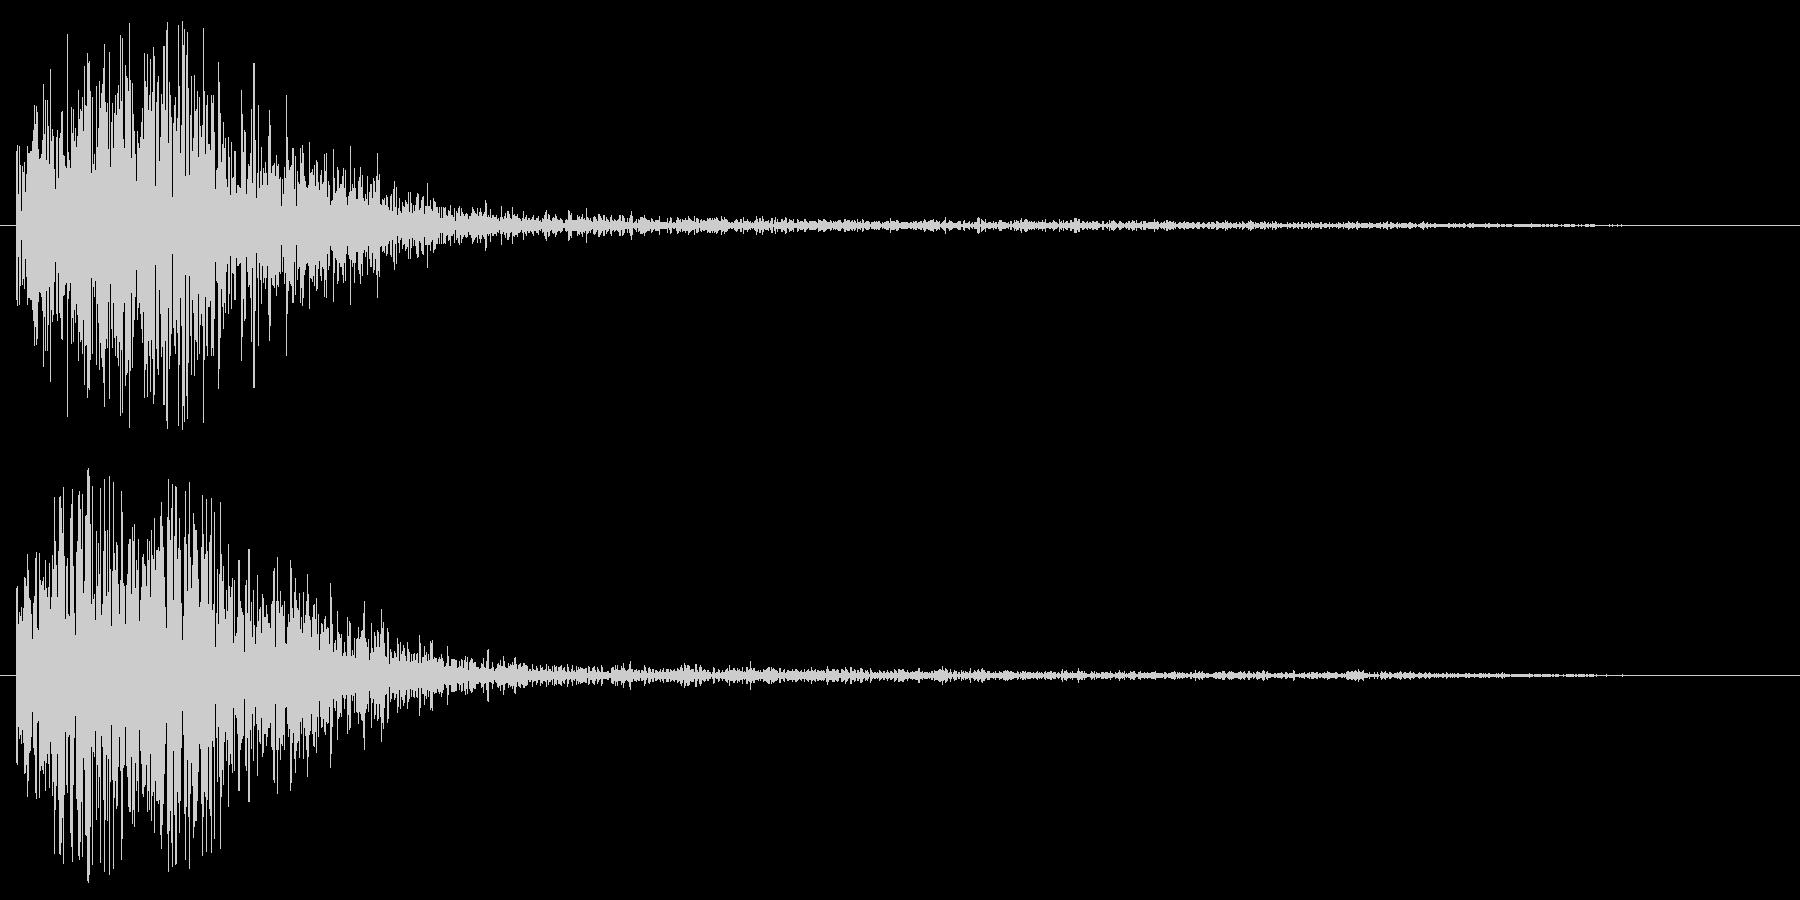 ゴォン(SF感のある謎めいた効果音)の未再生の波形